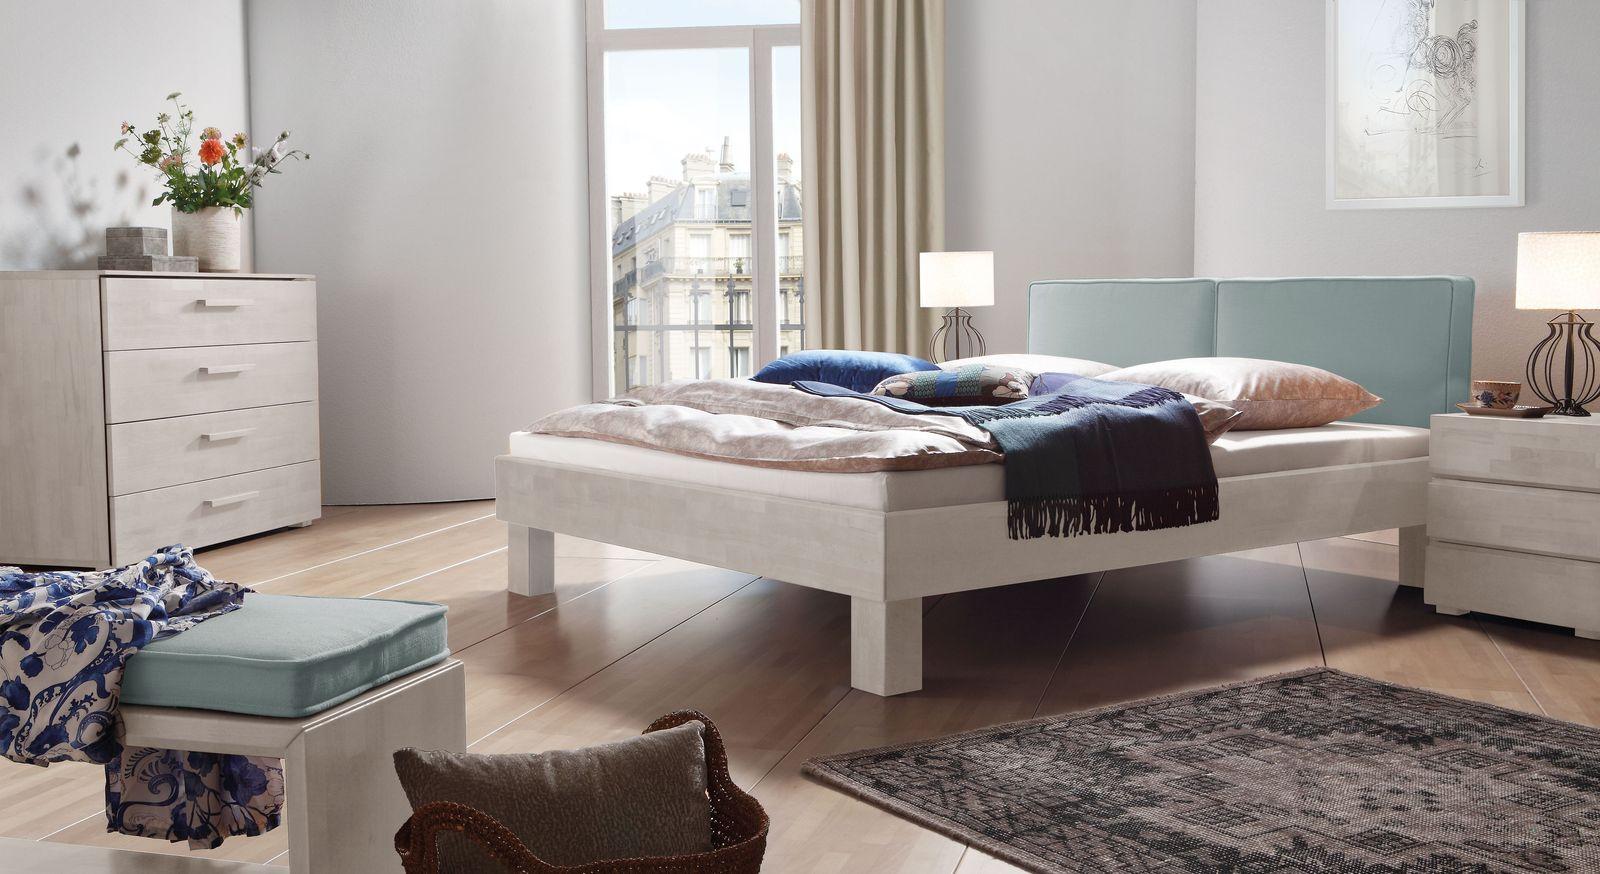 Wunderbar Bett Tiago Mit Passenden Schlafzimmer Möbeln